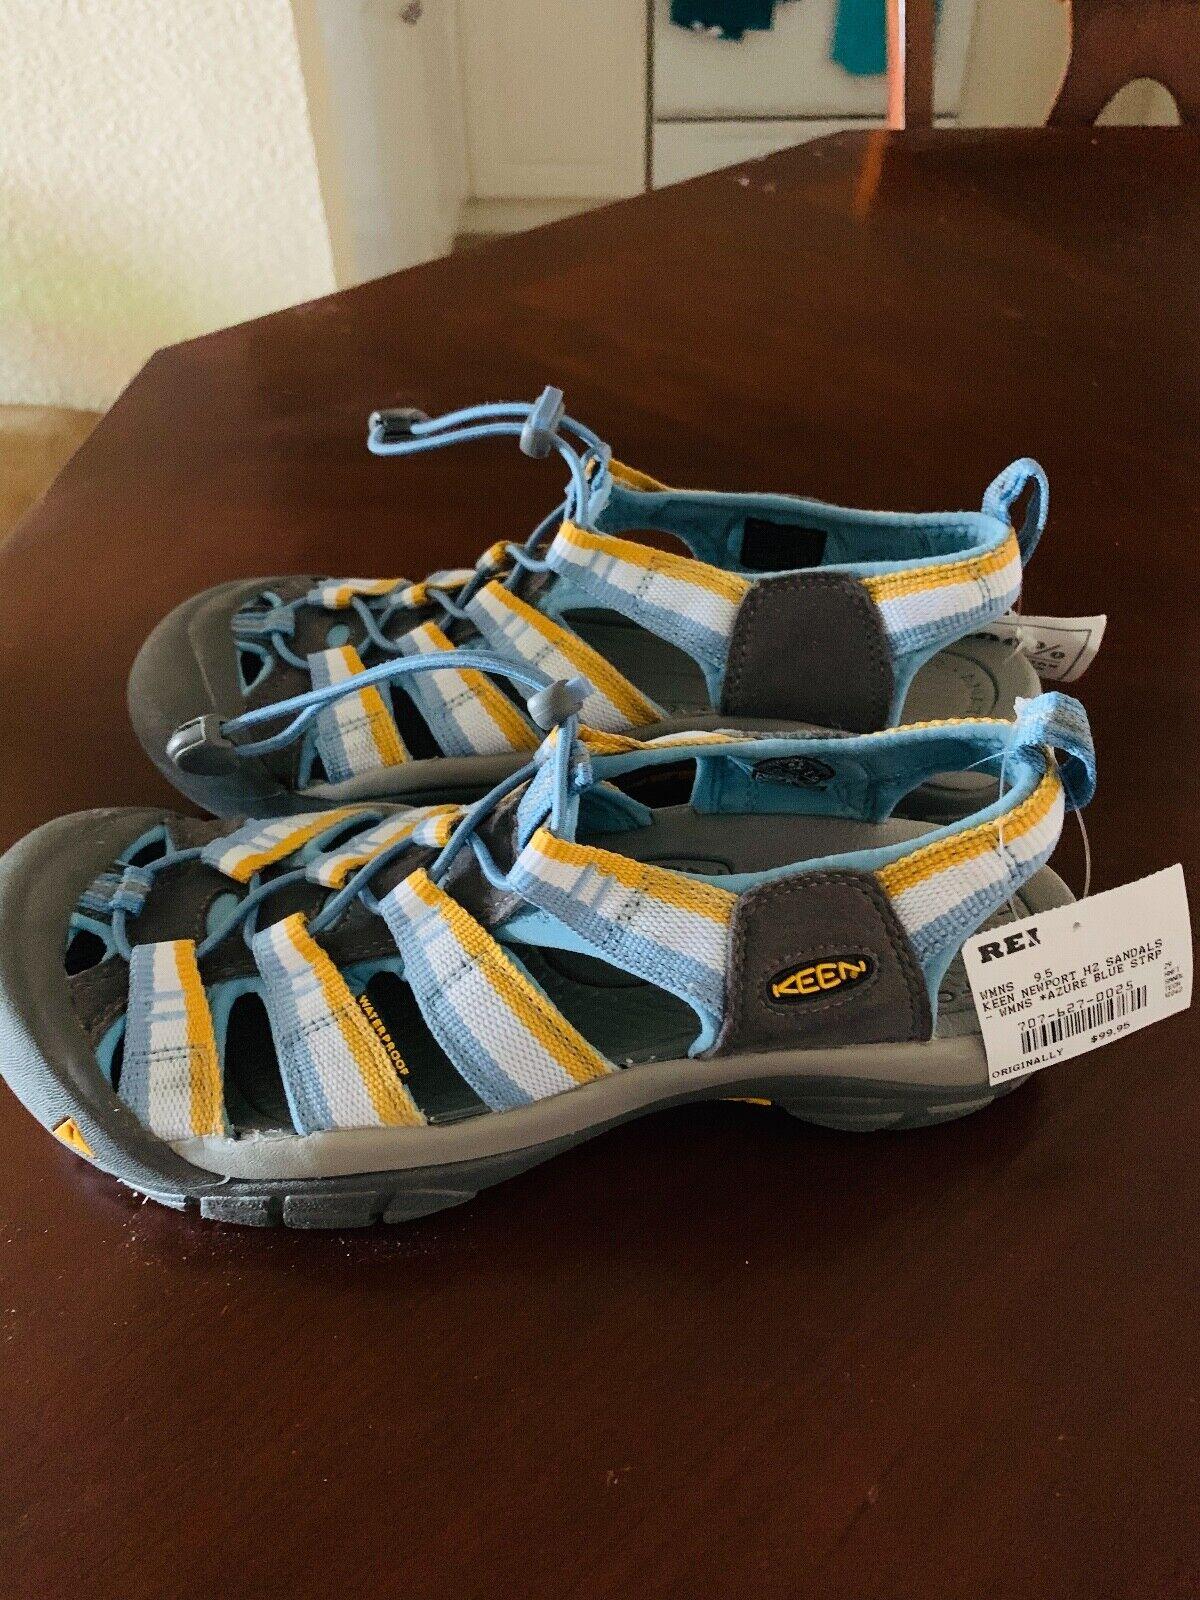 Donna Keen sandals Dimensione 9  5  nuovo dal negozio REI.  vendite dirette della fabbrica